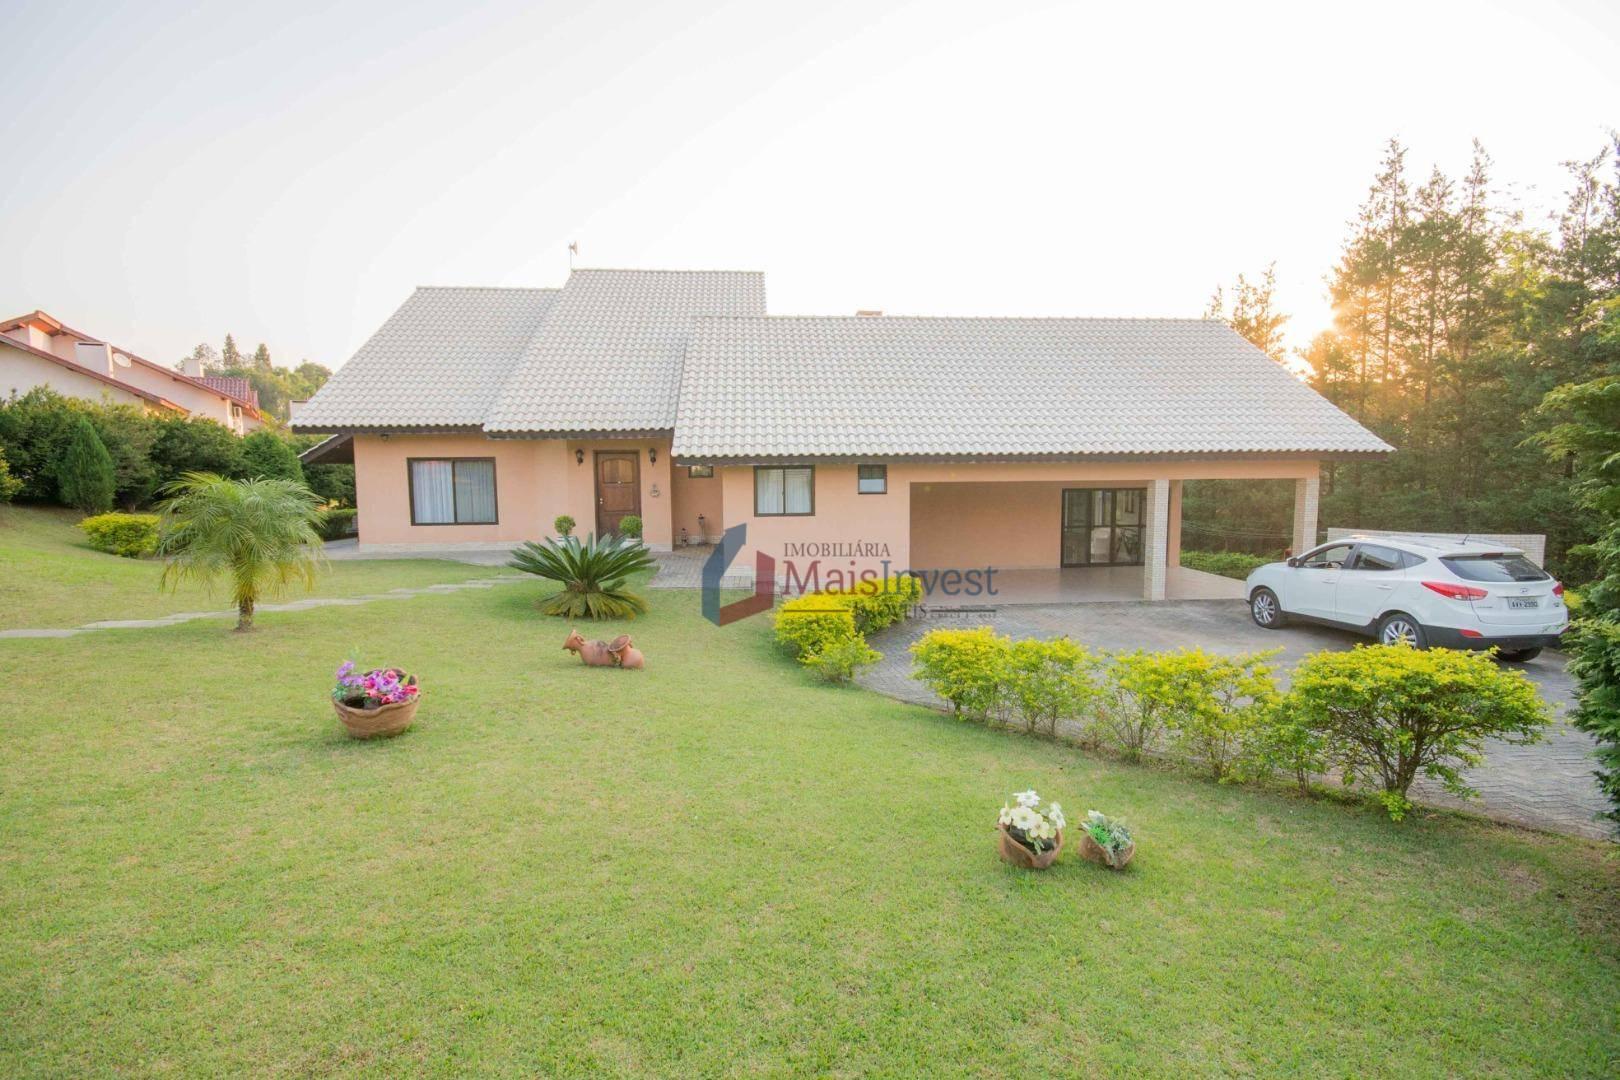 Casa com 5 dormitórios à venda, 440 m² por R$ 2.300.000 - Centro - Quatro Barras/PR